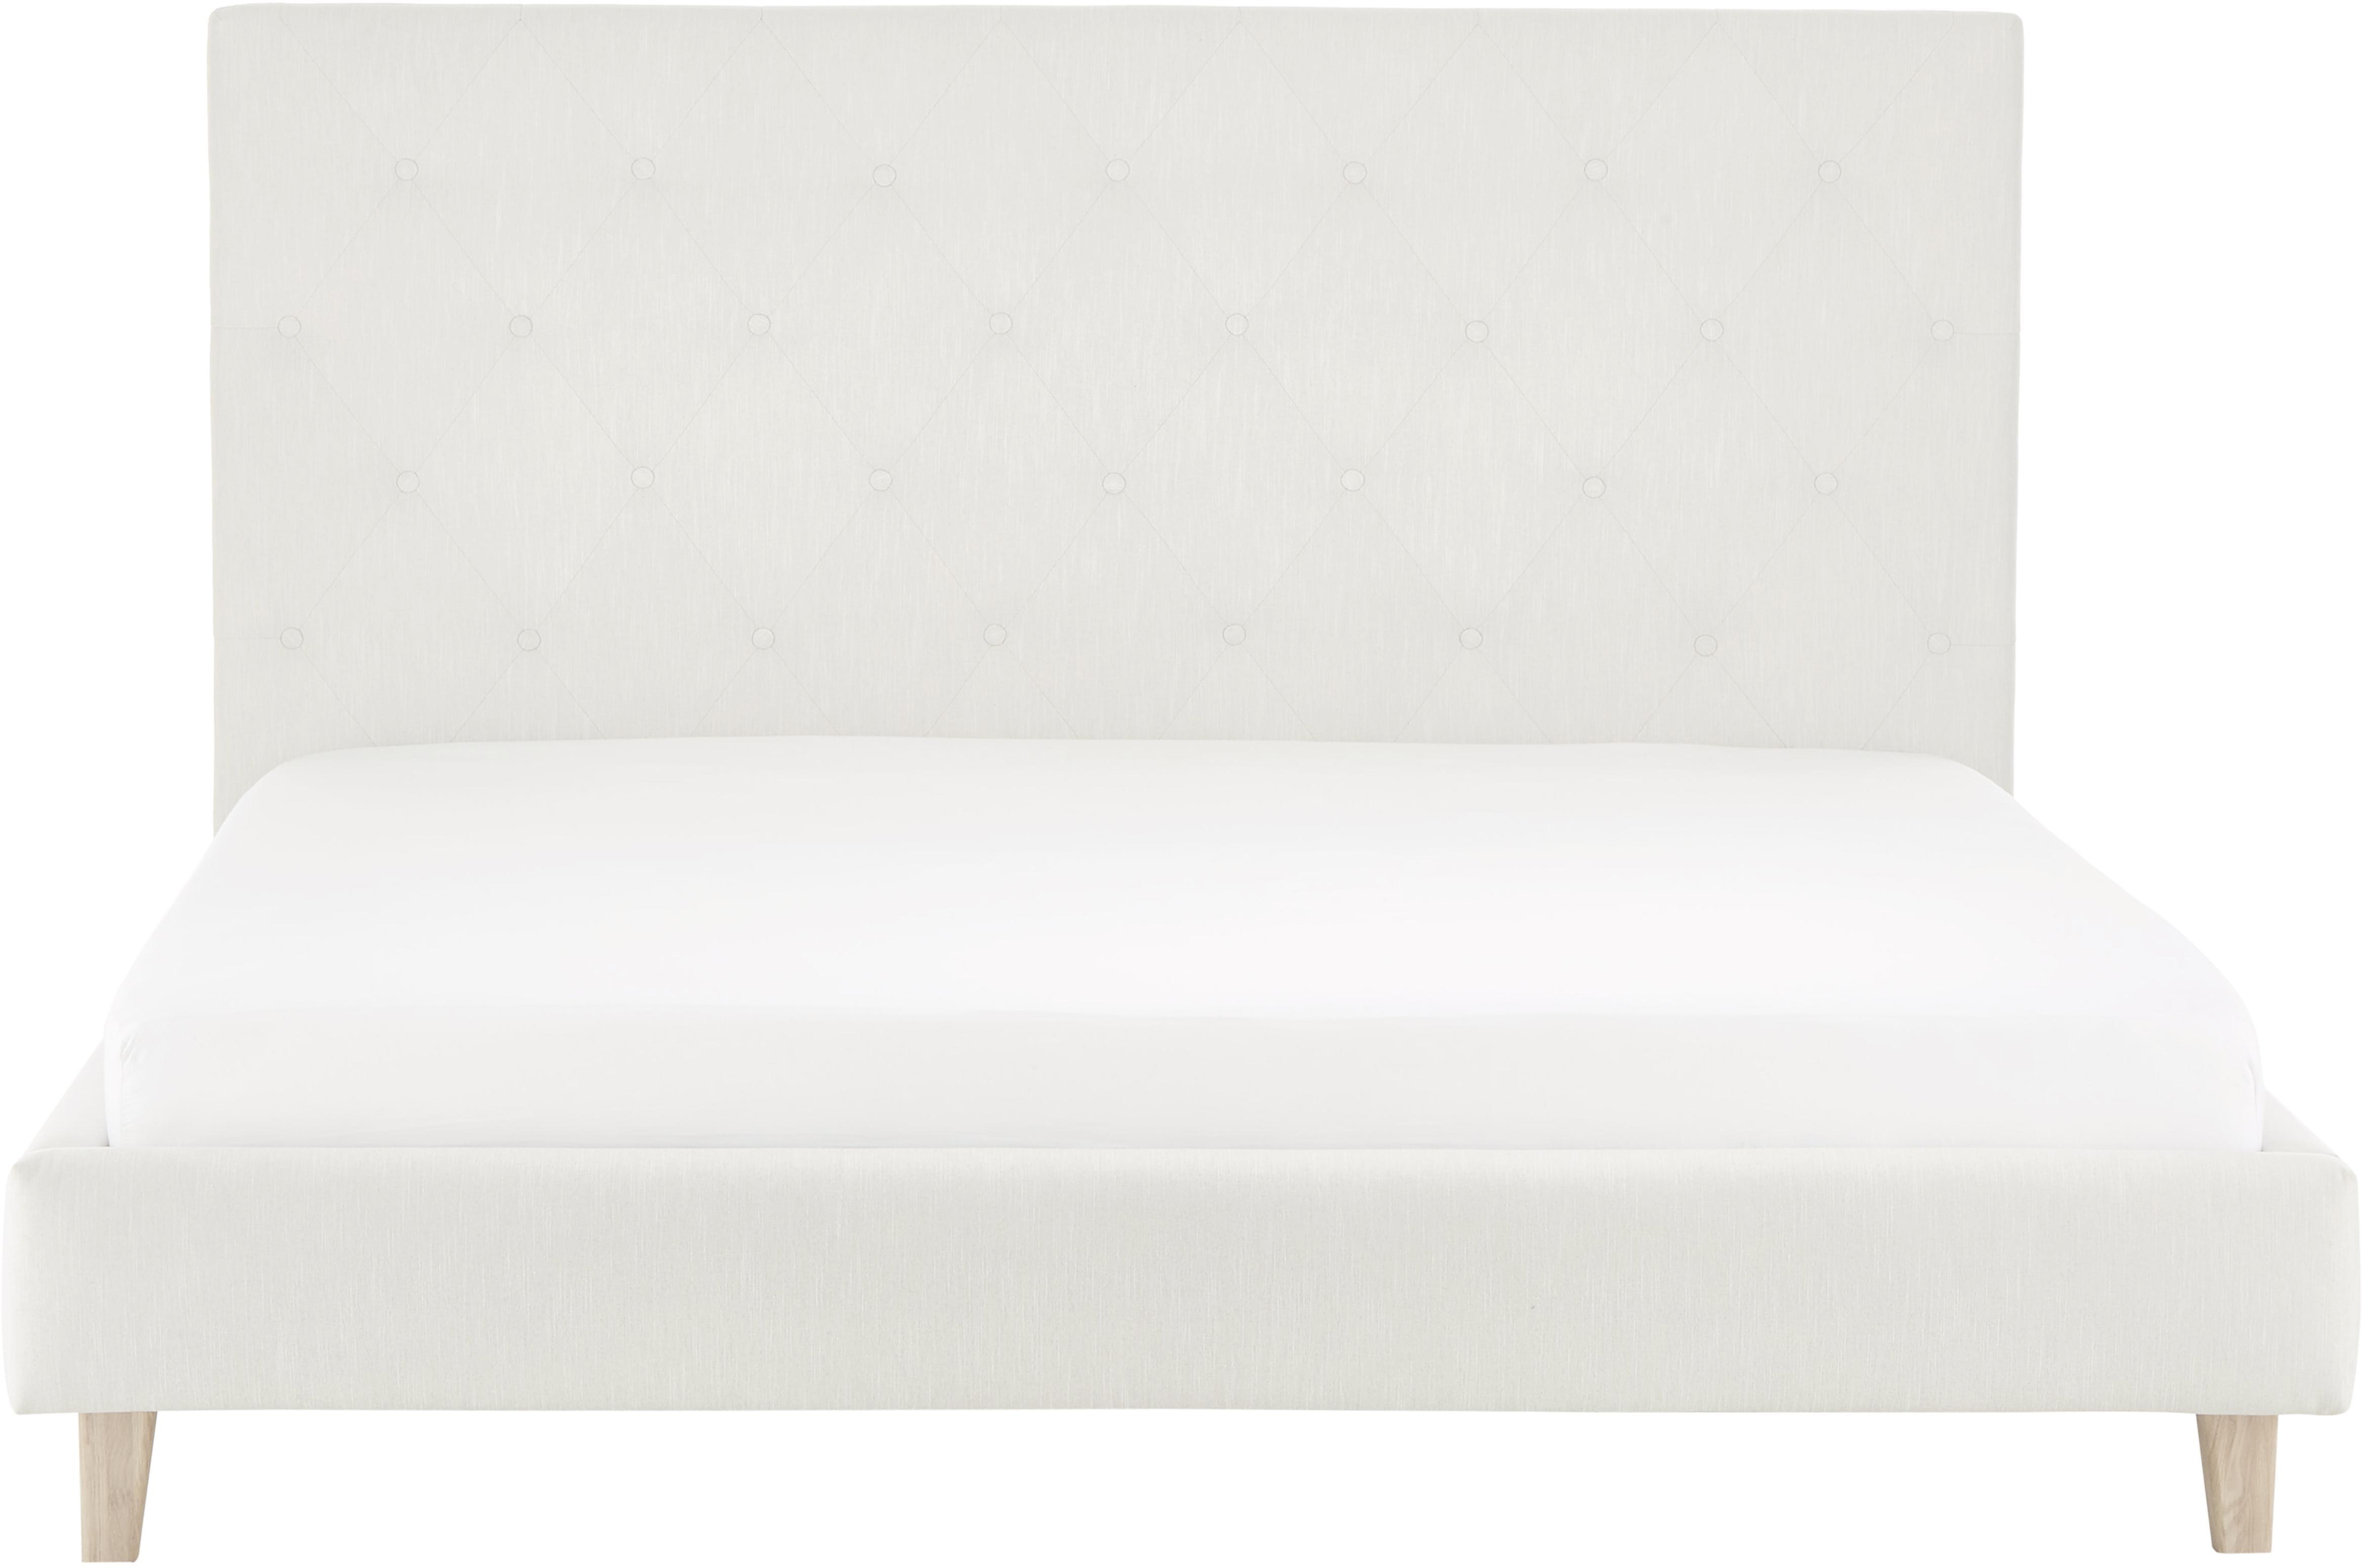 Letto matrimoniale imbottito Serene, Piedini: legno di quercia massicci, Rivestimento: Poliestere (tessuto strut, Beige, Larg. 180 x Lung. 200 cm